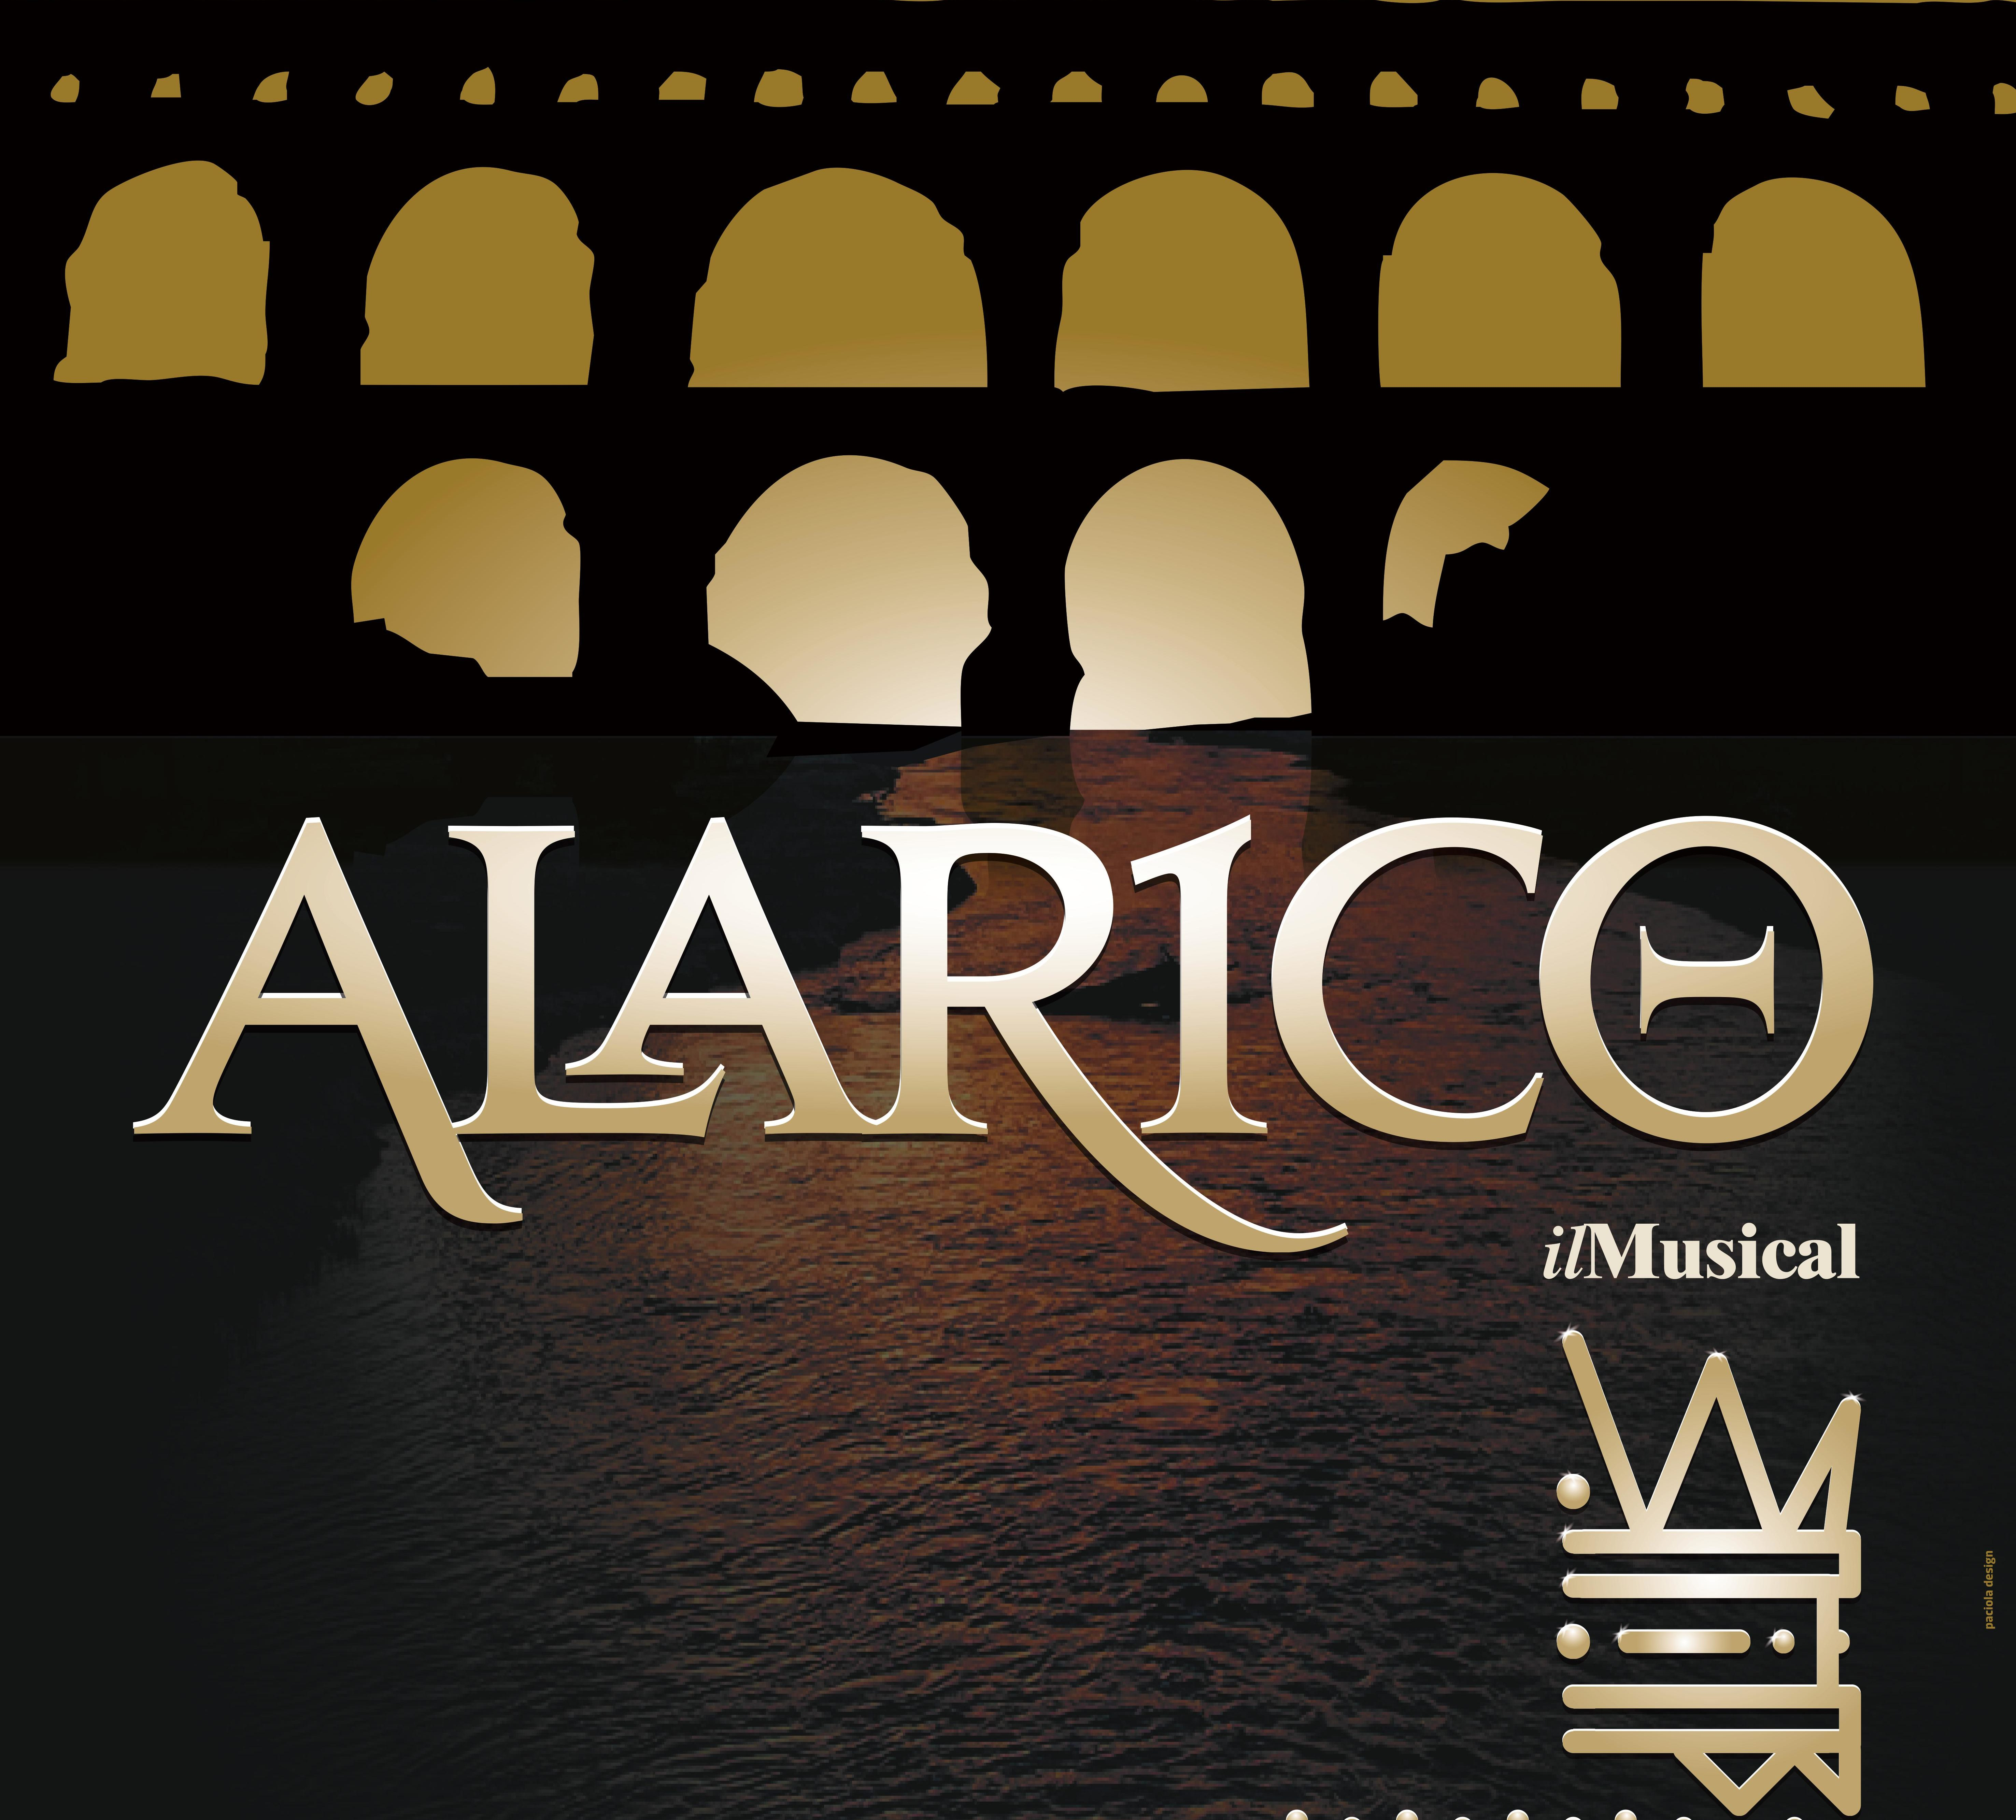 locandina Alarico il musical